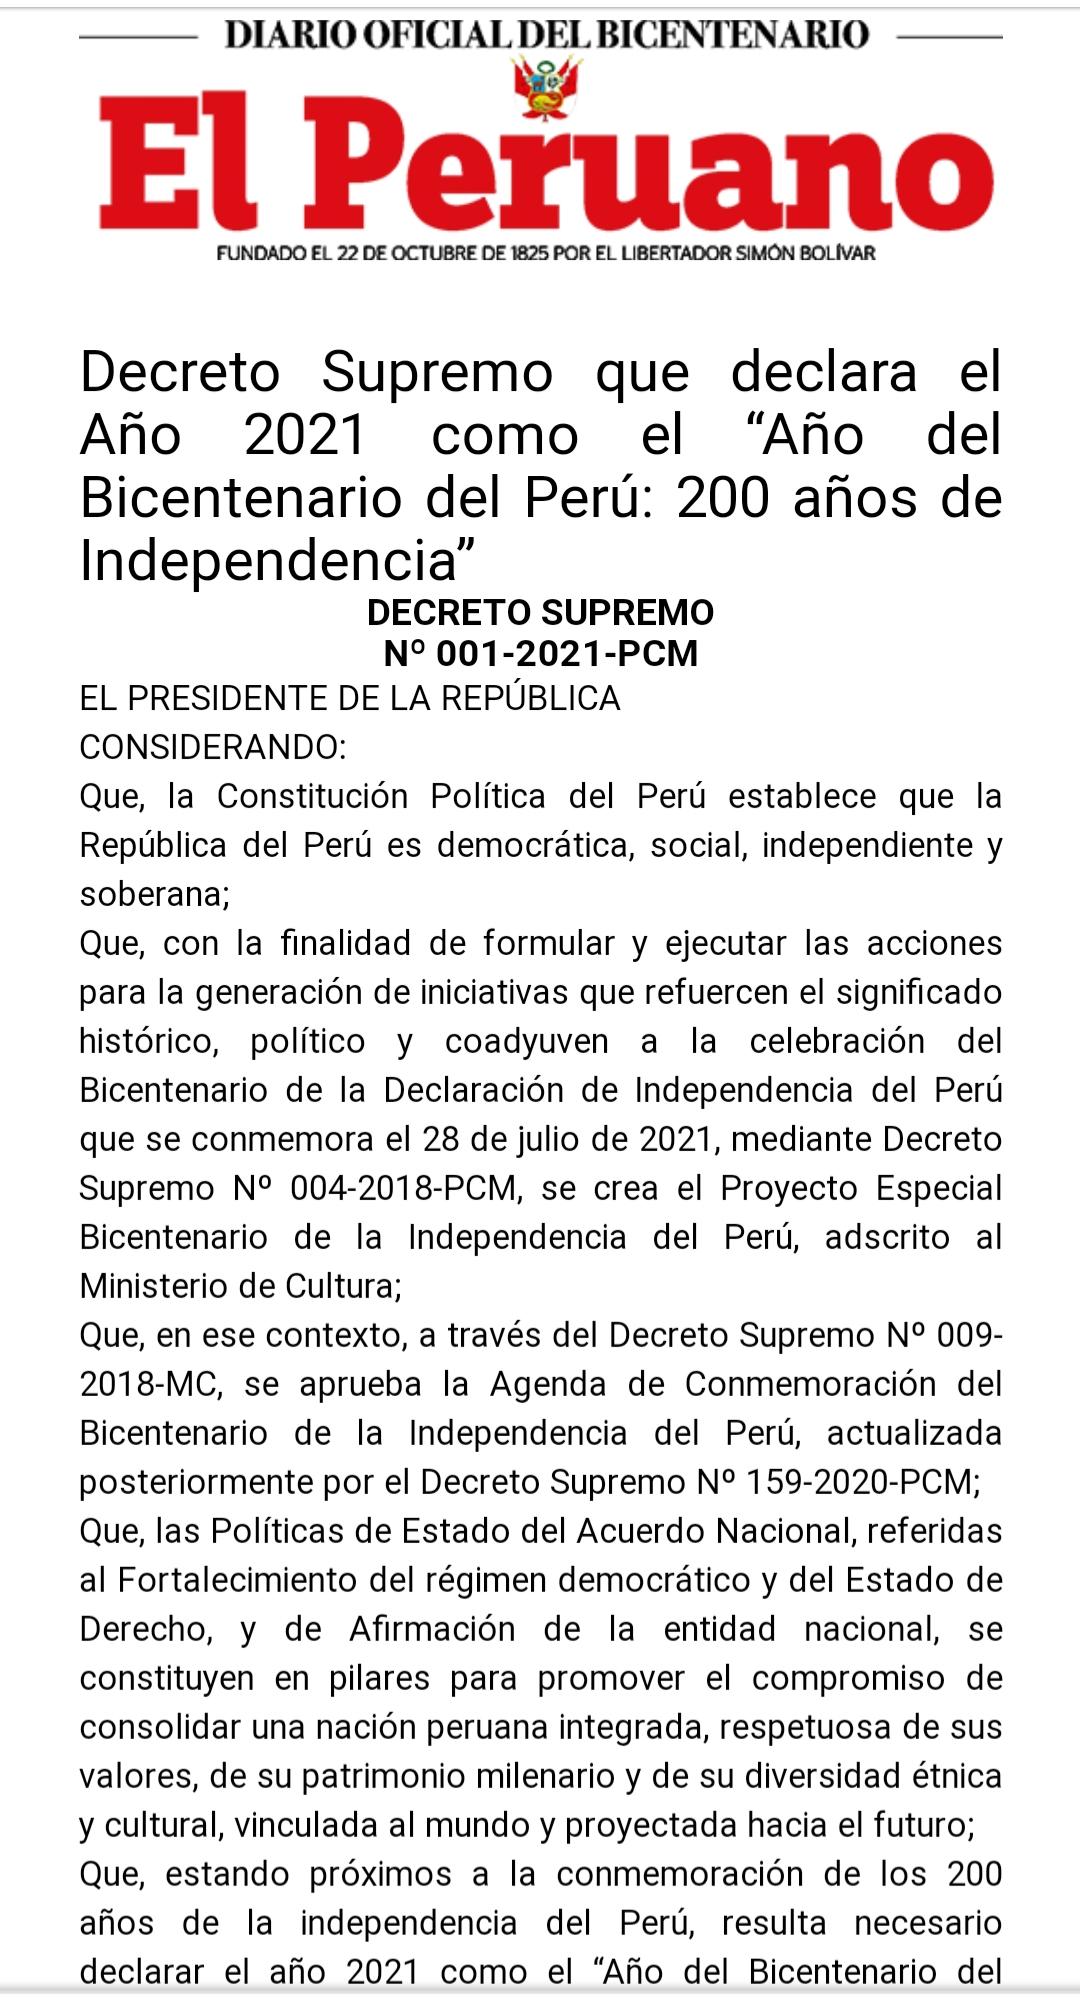 """Declaran el Año 2021 como el """"Año del Bicentenario del Perú: 200 años de Independencia"""""""